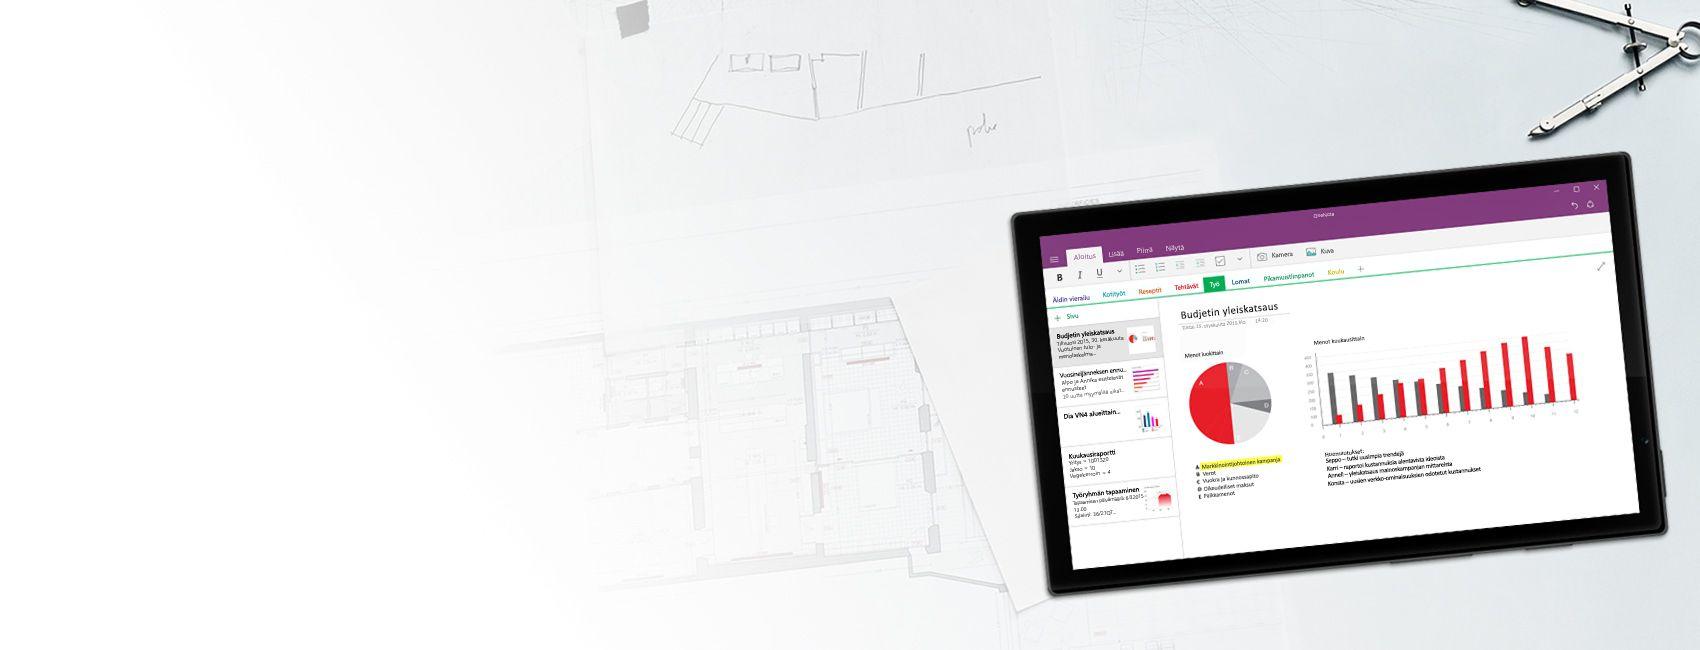 Windows-tabletti, jossa näkyy OneNote-muistikirja ja siinä budjetin yleiskatsauskaavioita